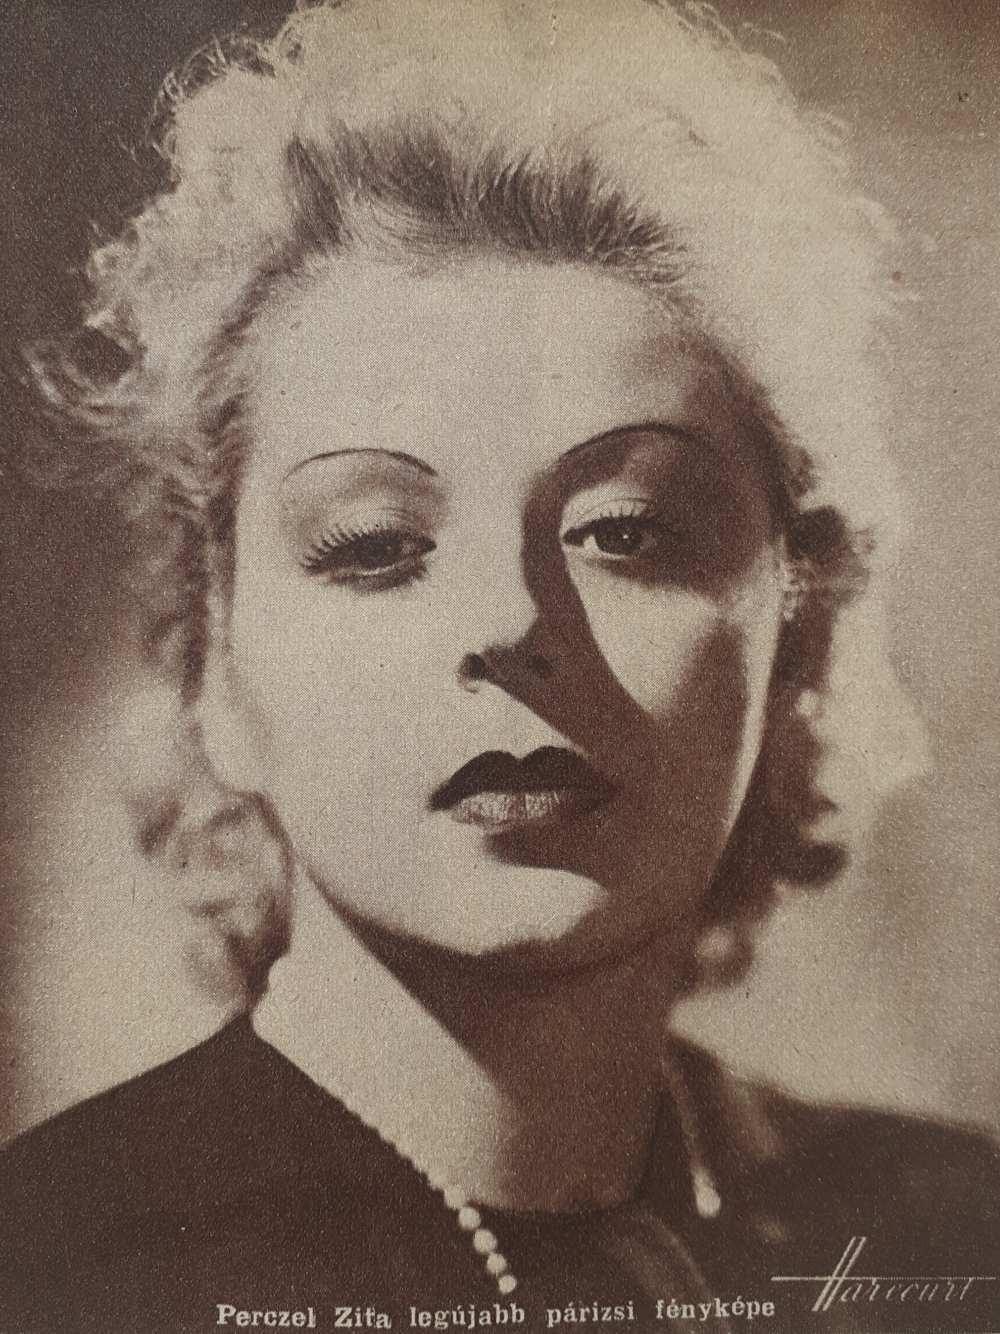 Perczel Zita legújabb párizsi fényképe. Fotó: Harcourt, 1938. In. Színházi Élet, 28. évf., 1938. február 20–26, 9. sz., 13. – Törzsgyűjtemény http://nektar.oszk.hu/hu/manifestation/978572